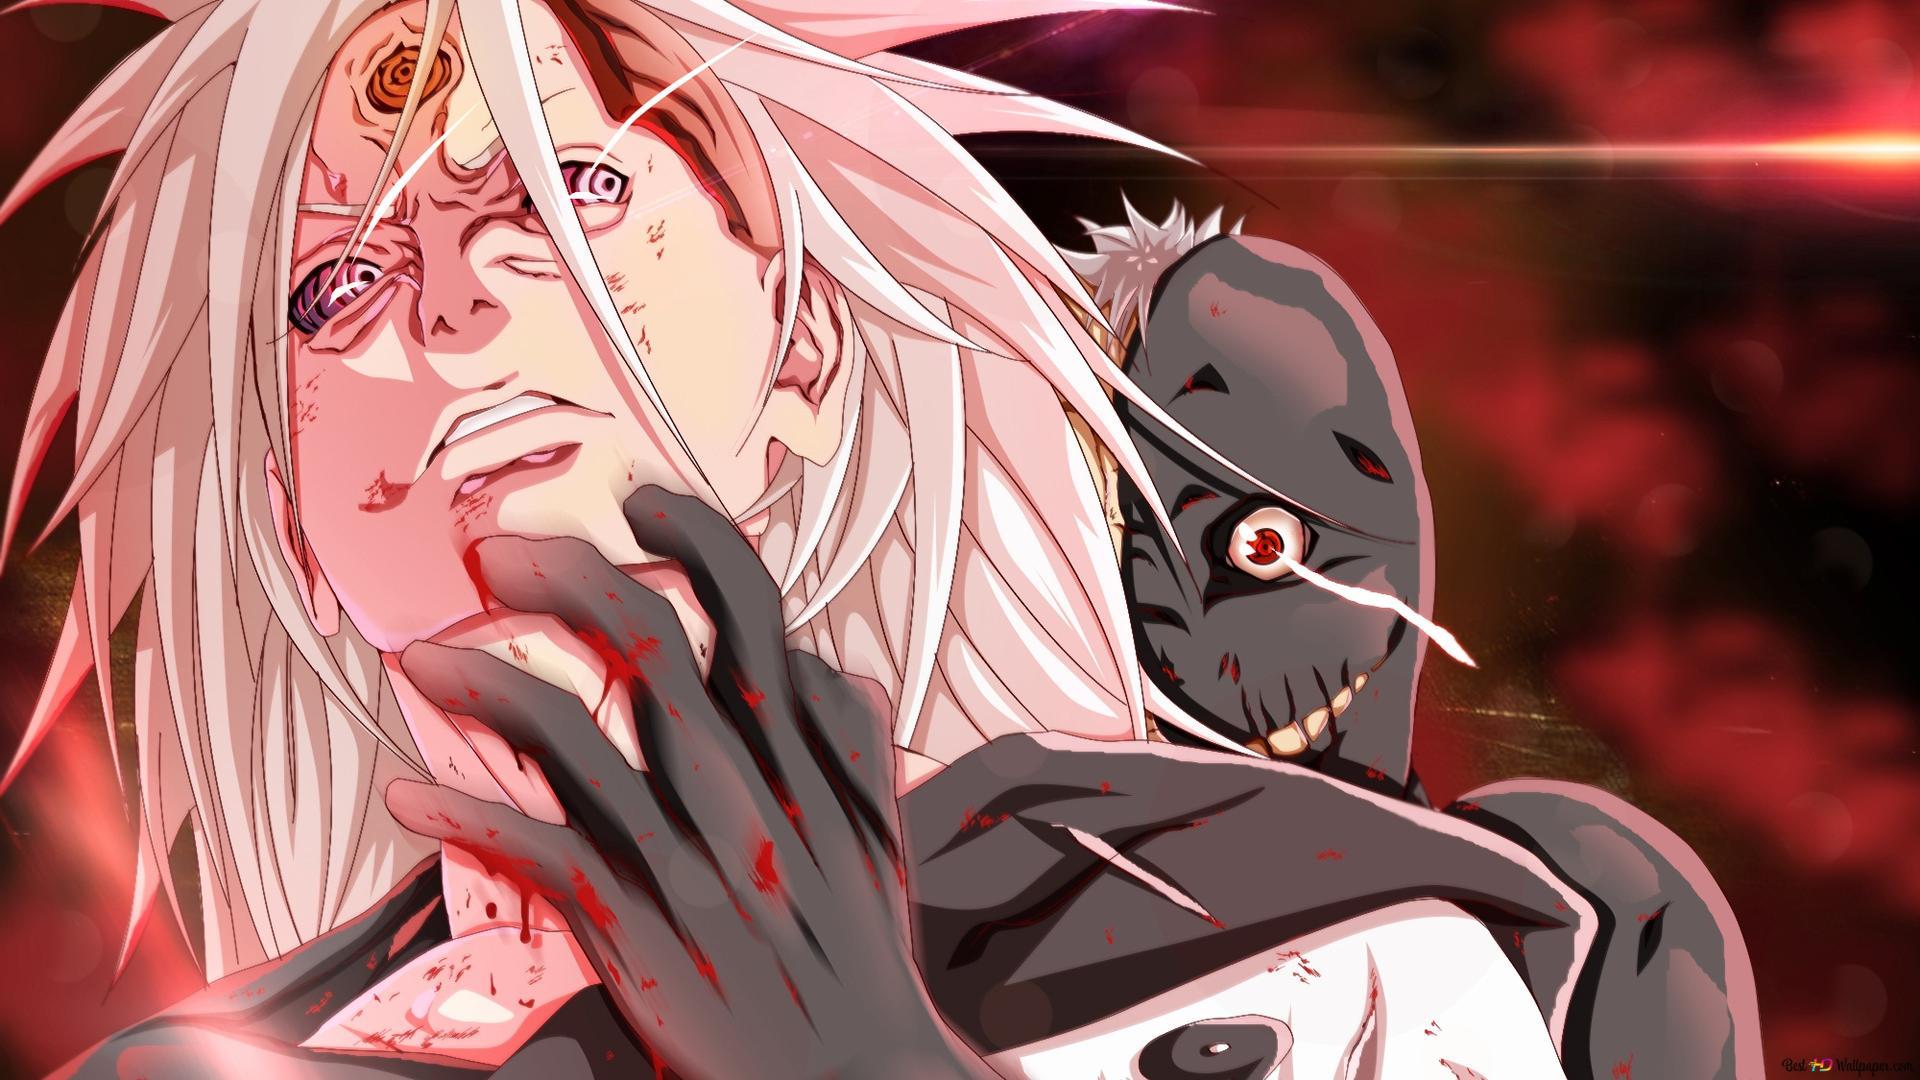 Naruto Shippuden Madara Uchiha Black Zetsu Unduhan Wallpaper Hd